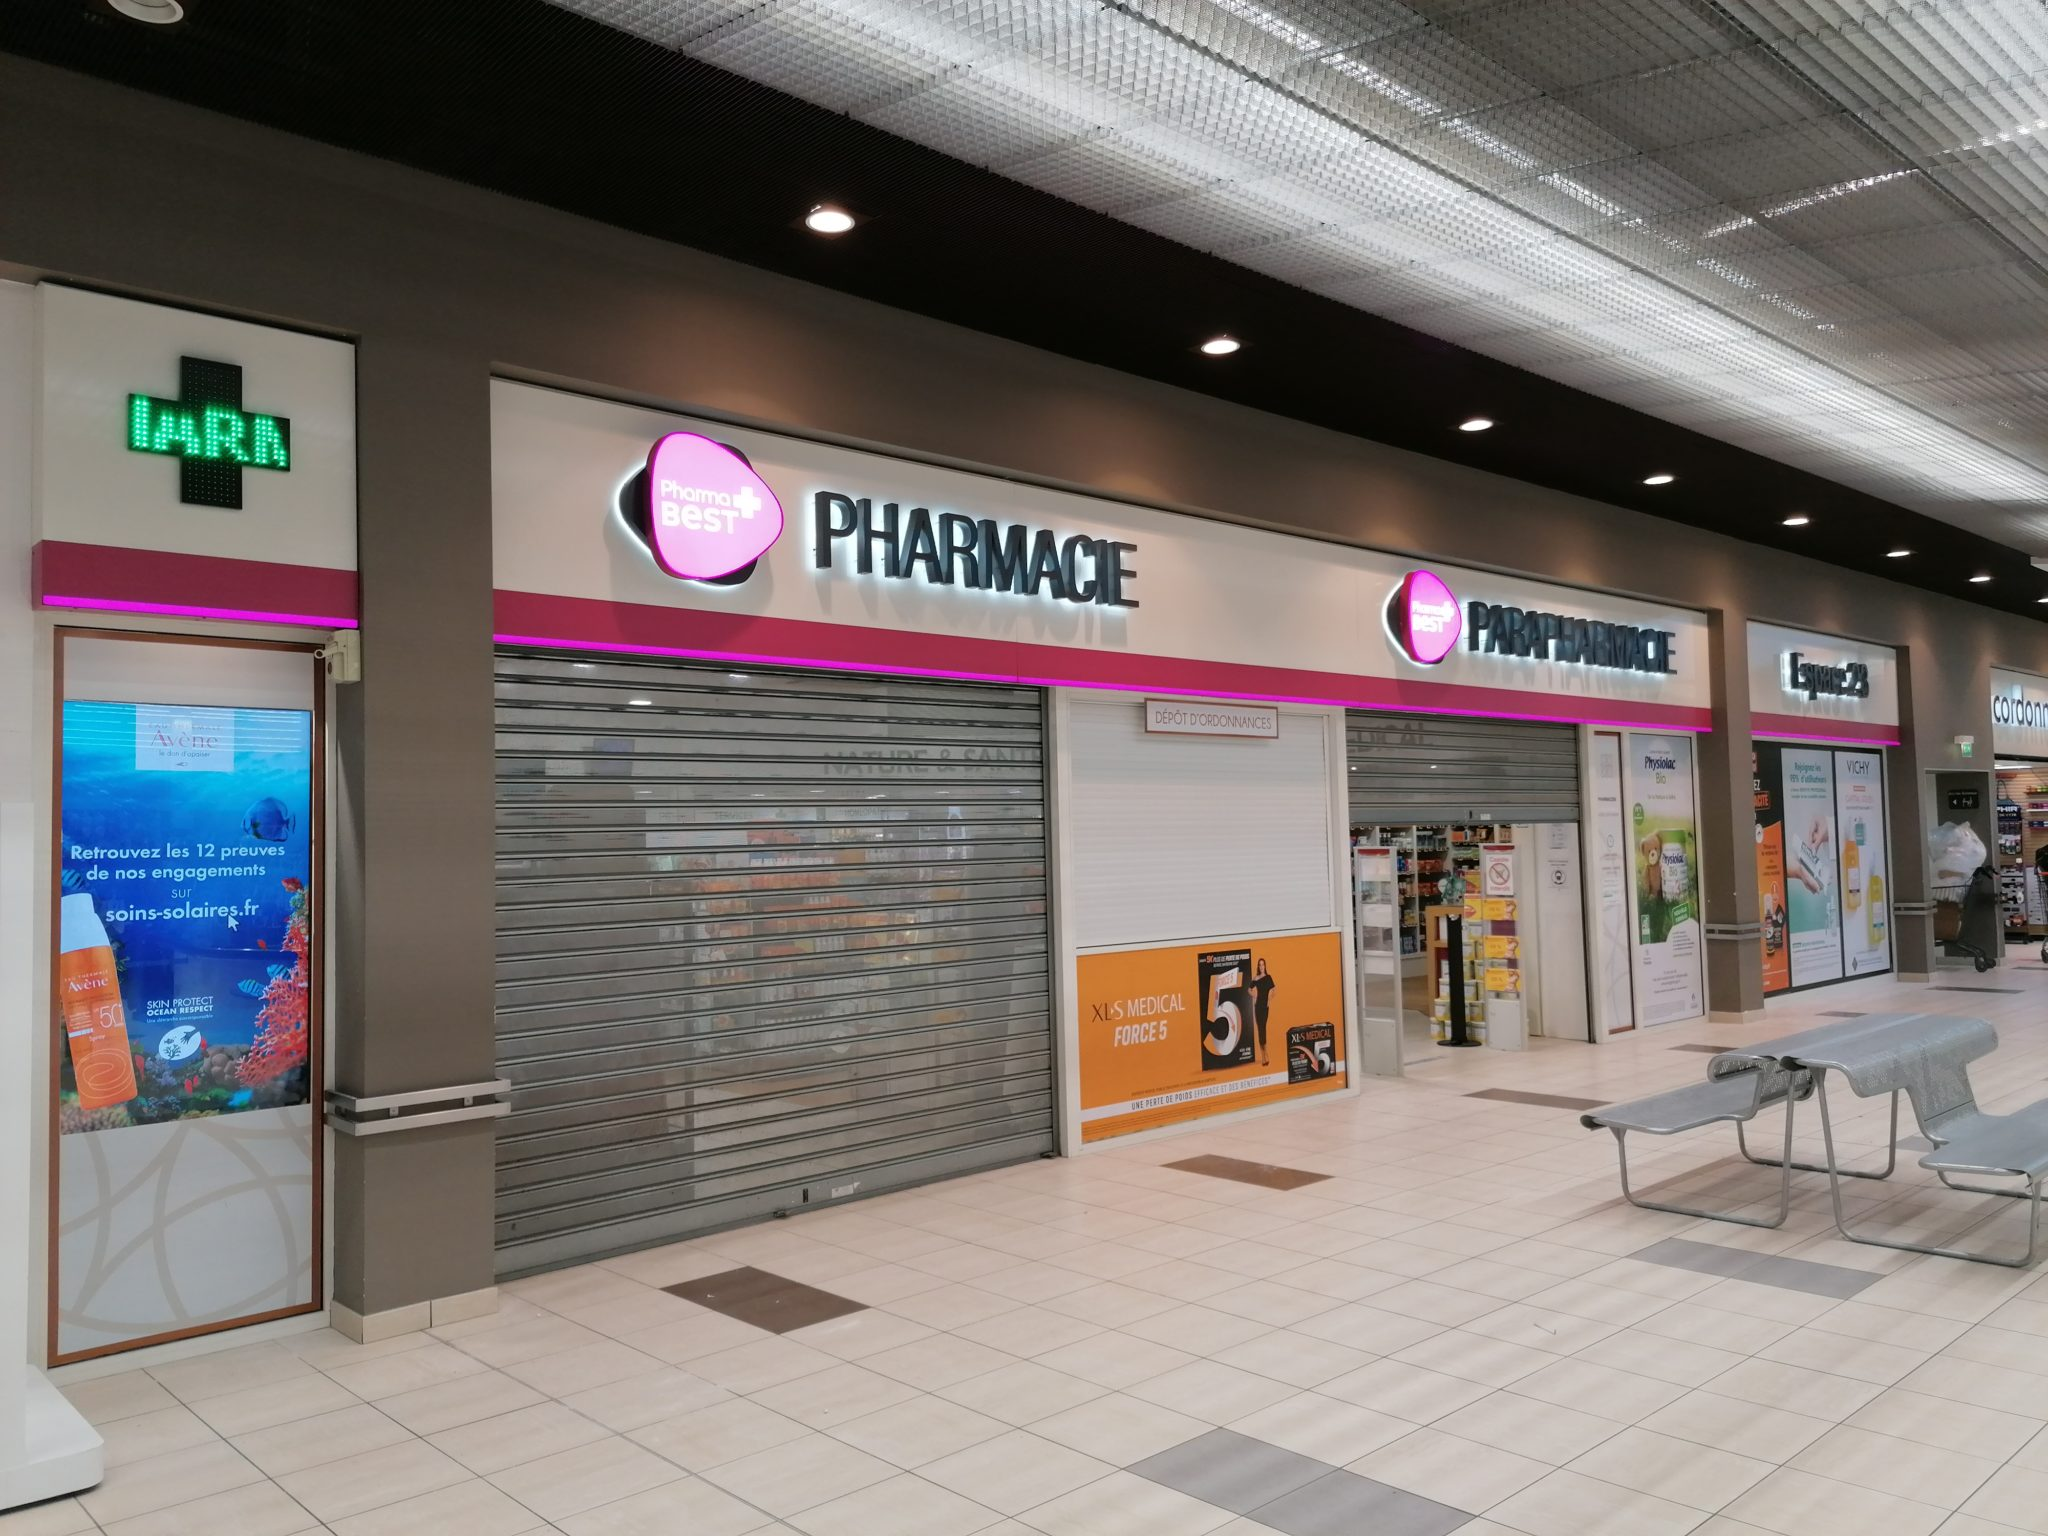 Pharmacie heno - Coupet